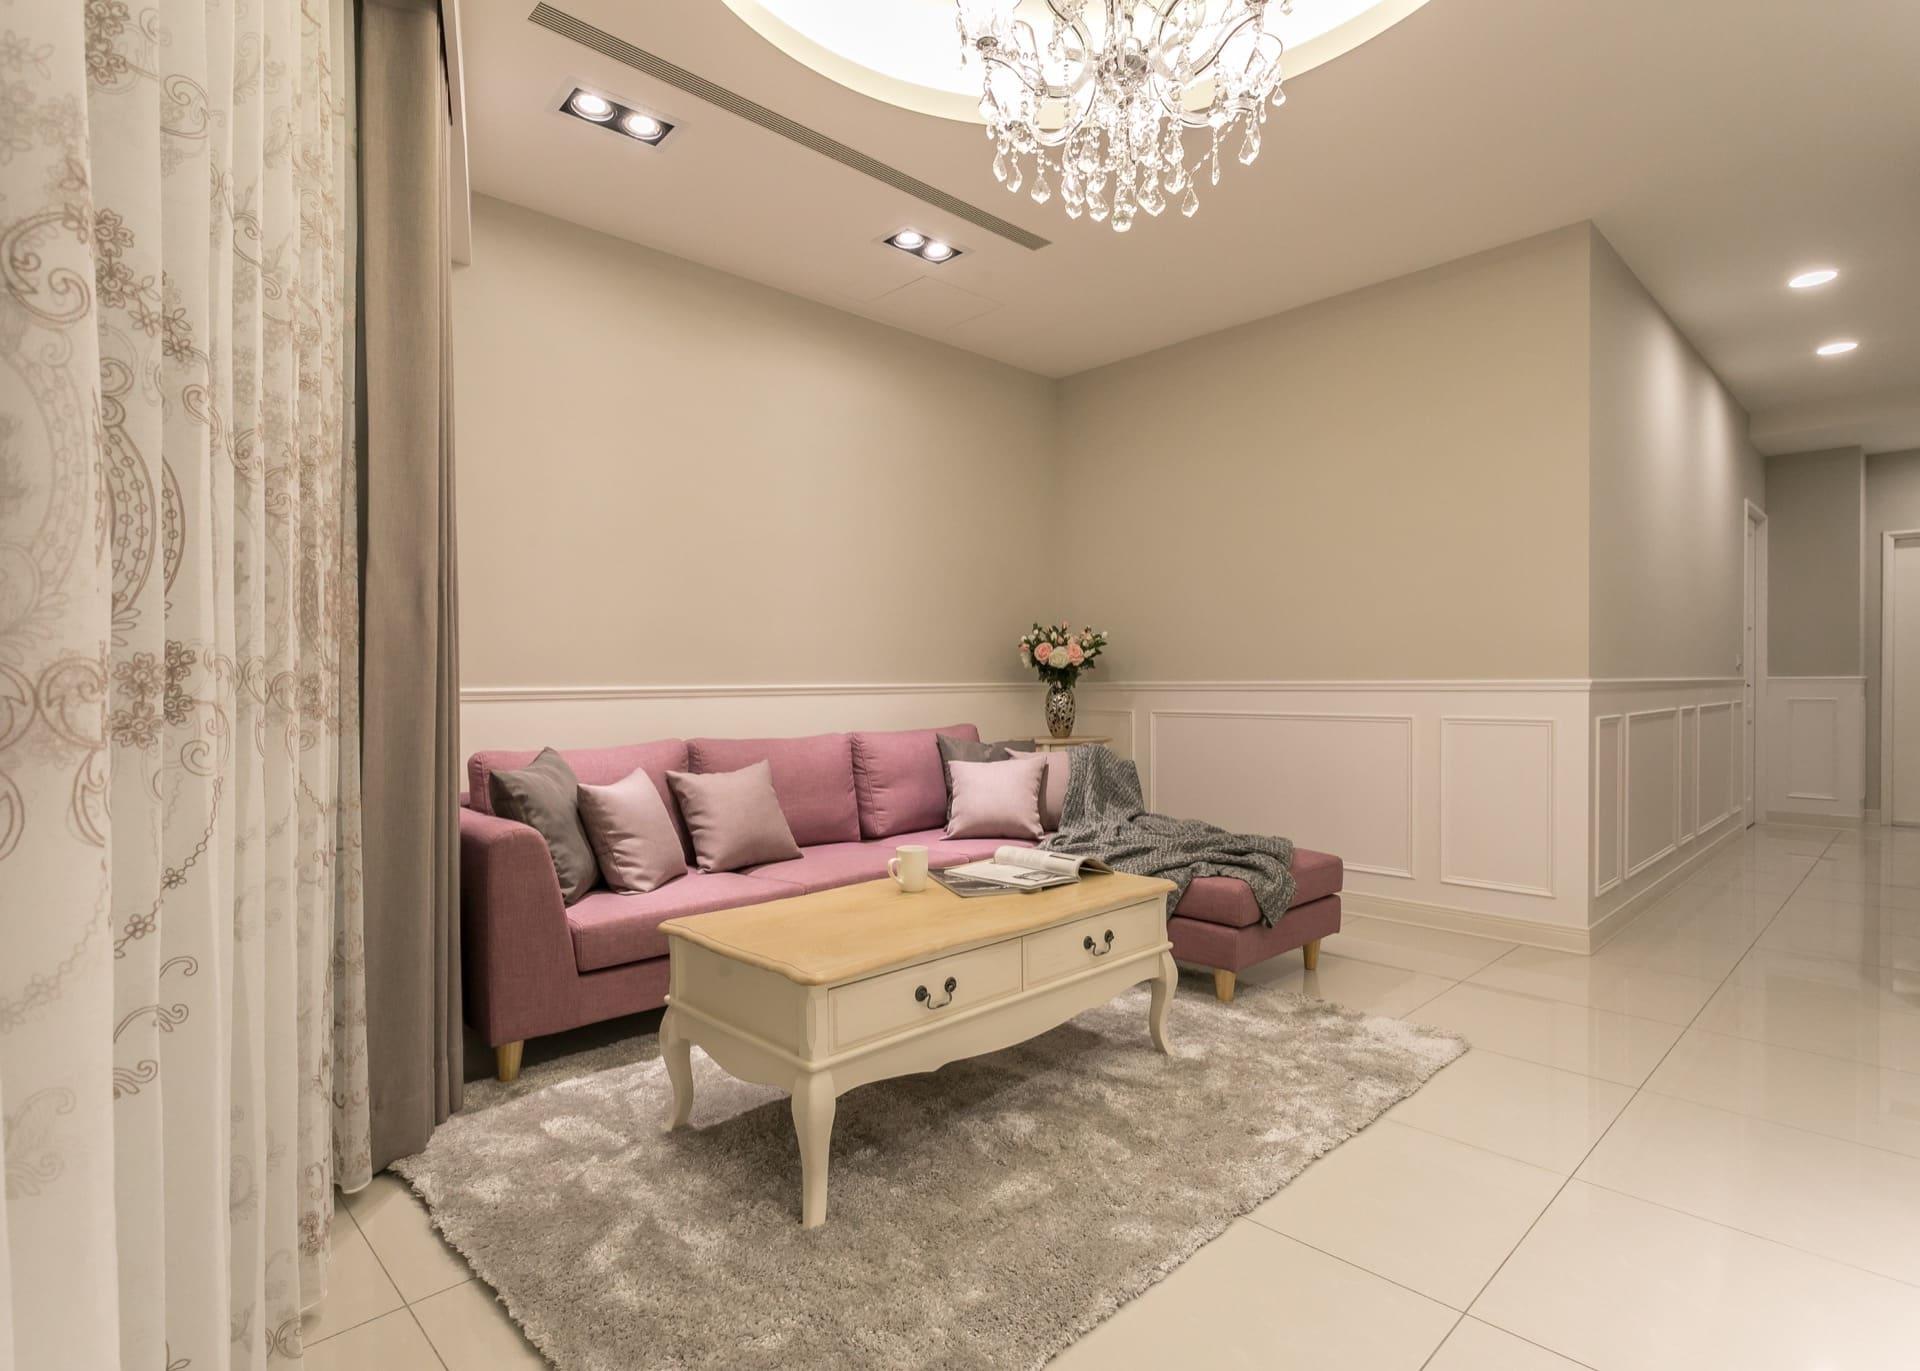 客廳沙發區,空間採用淡藕色進行粉刷(得利乳膠漆霧鄉系列)